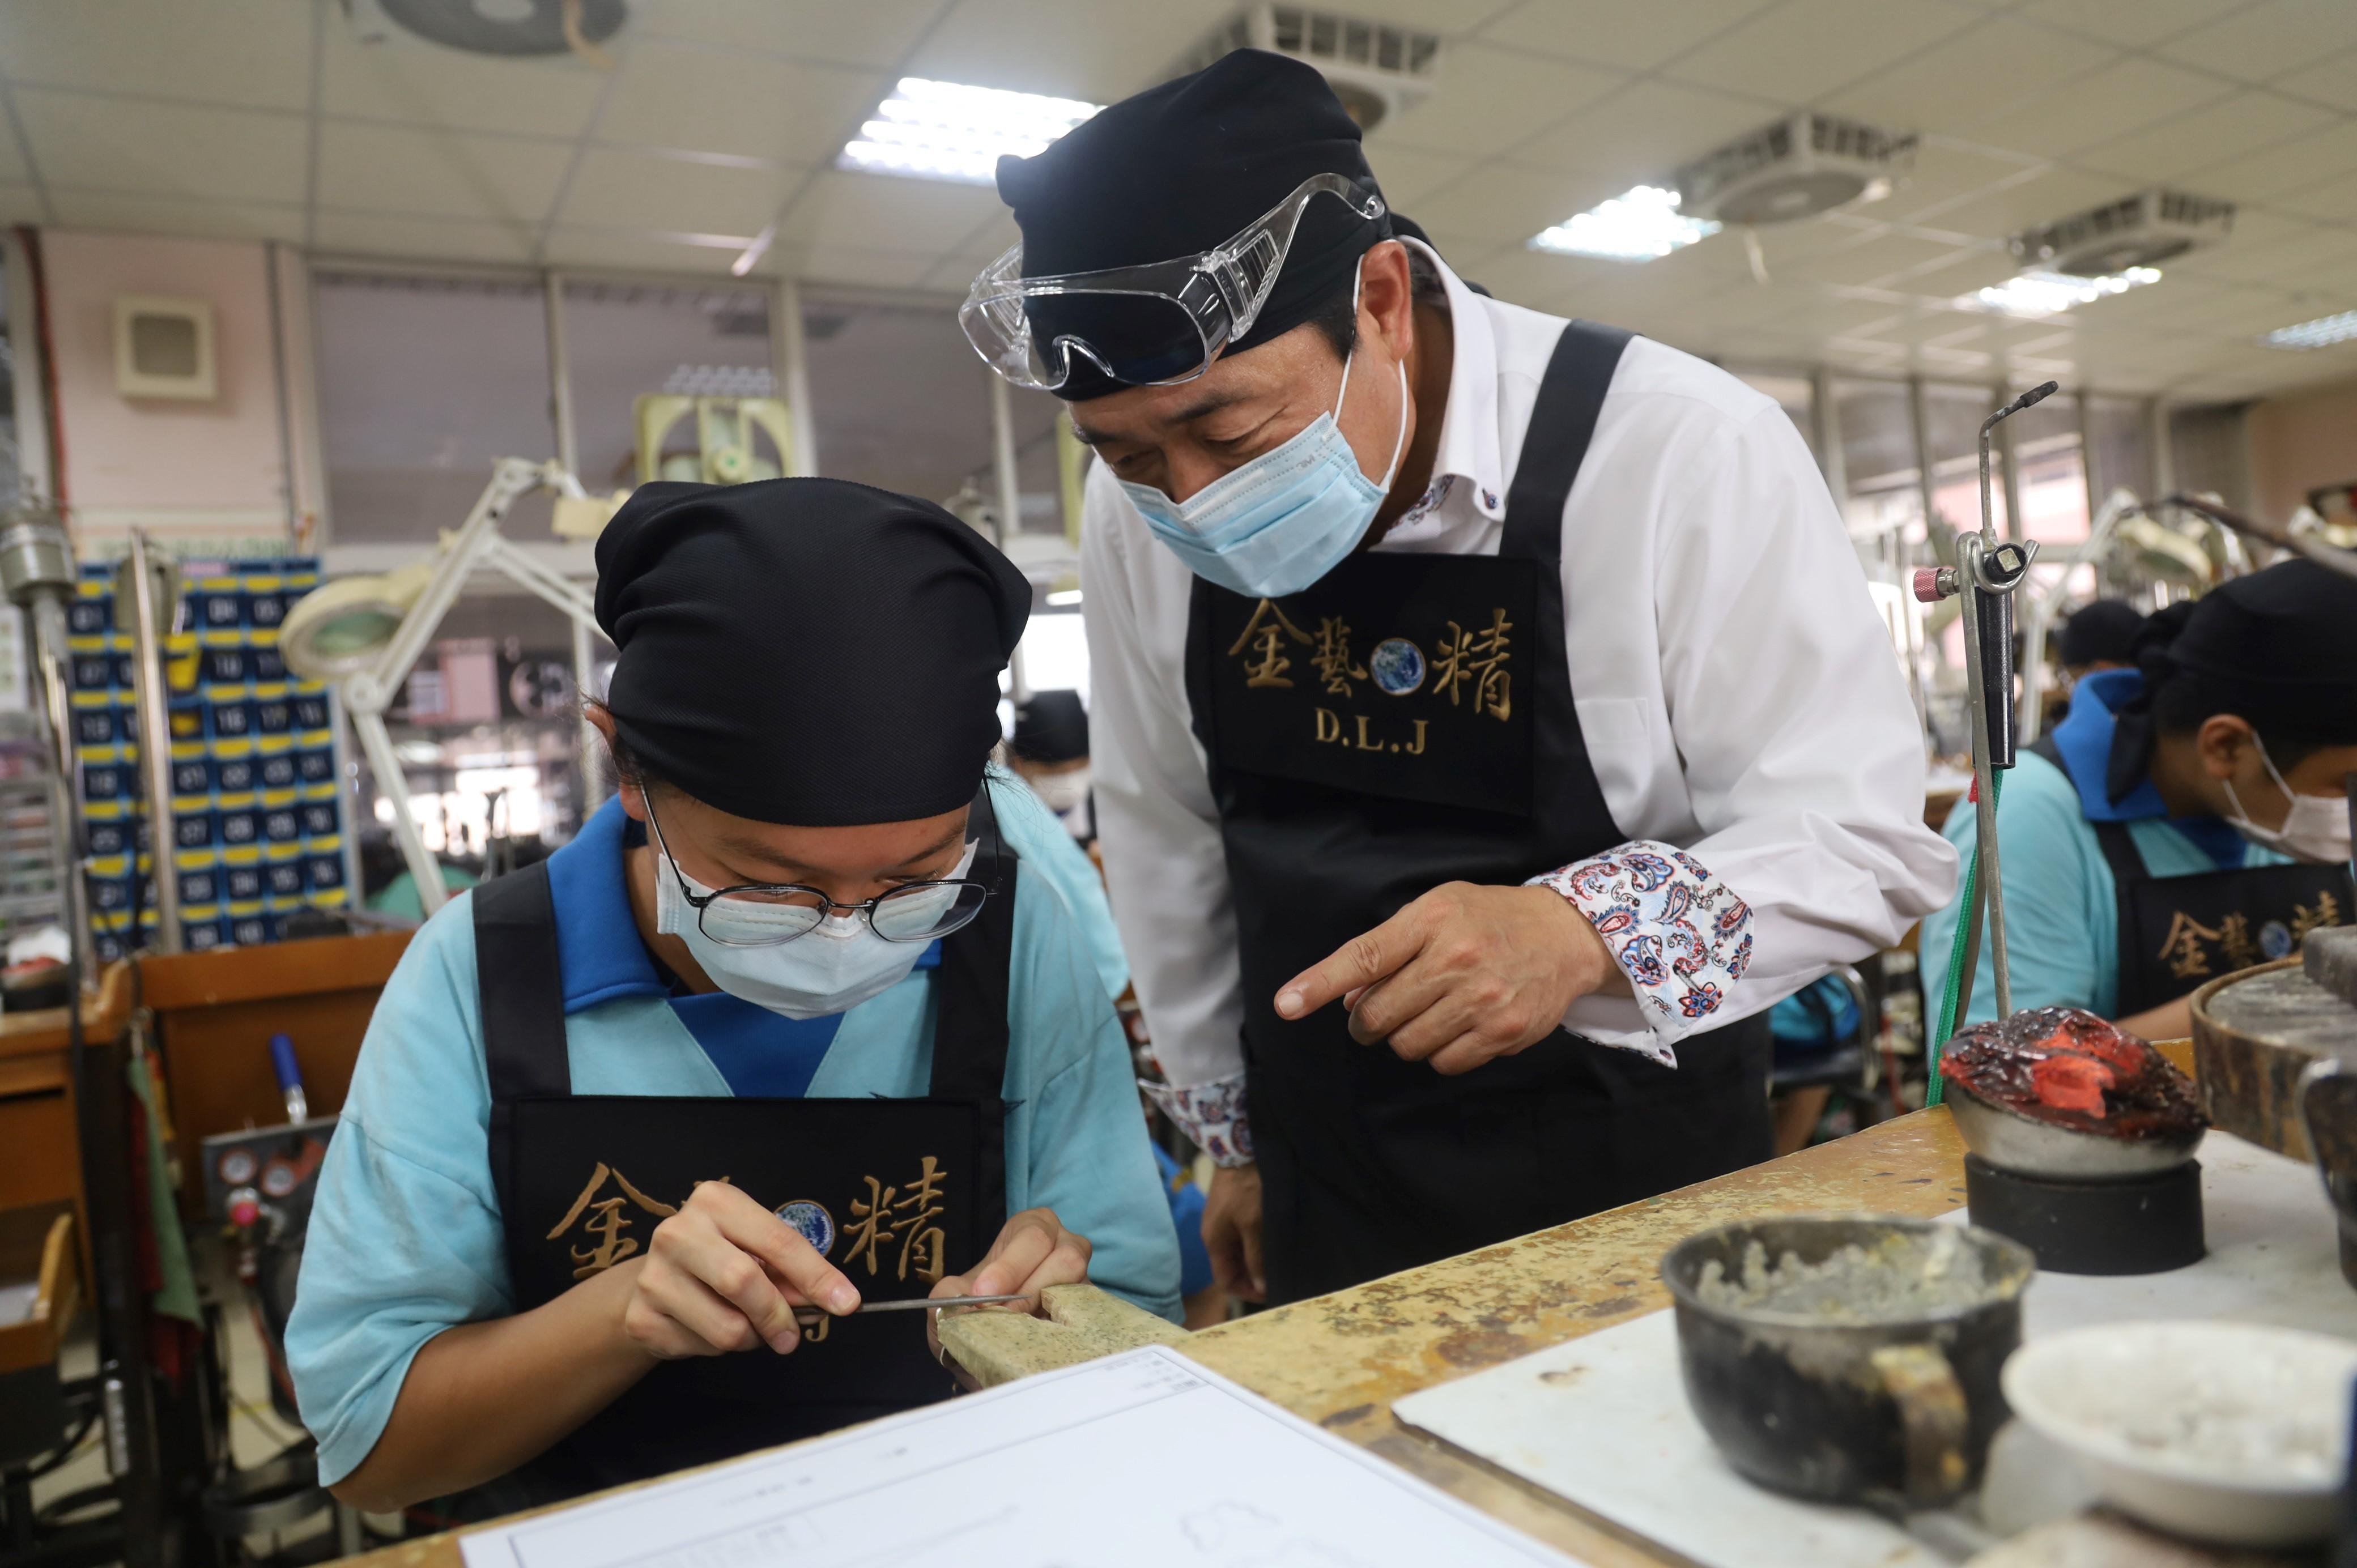 5.珠寶金工班課程讓學生從試探職能、傳承資深業師技術並能進一步專研技術能力